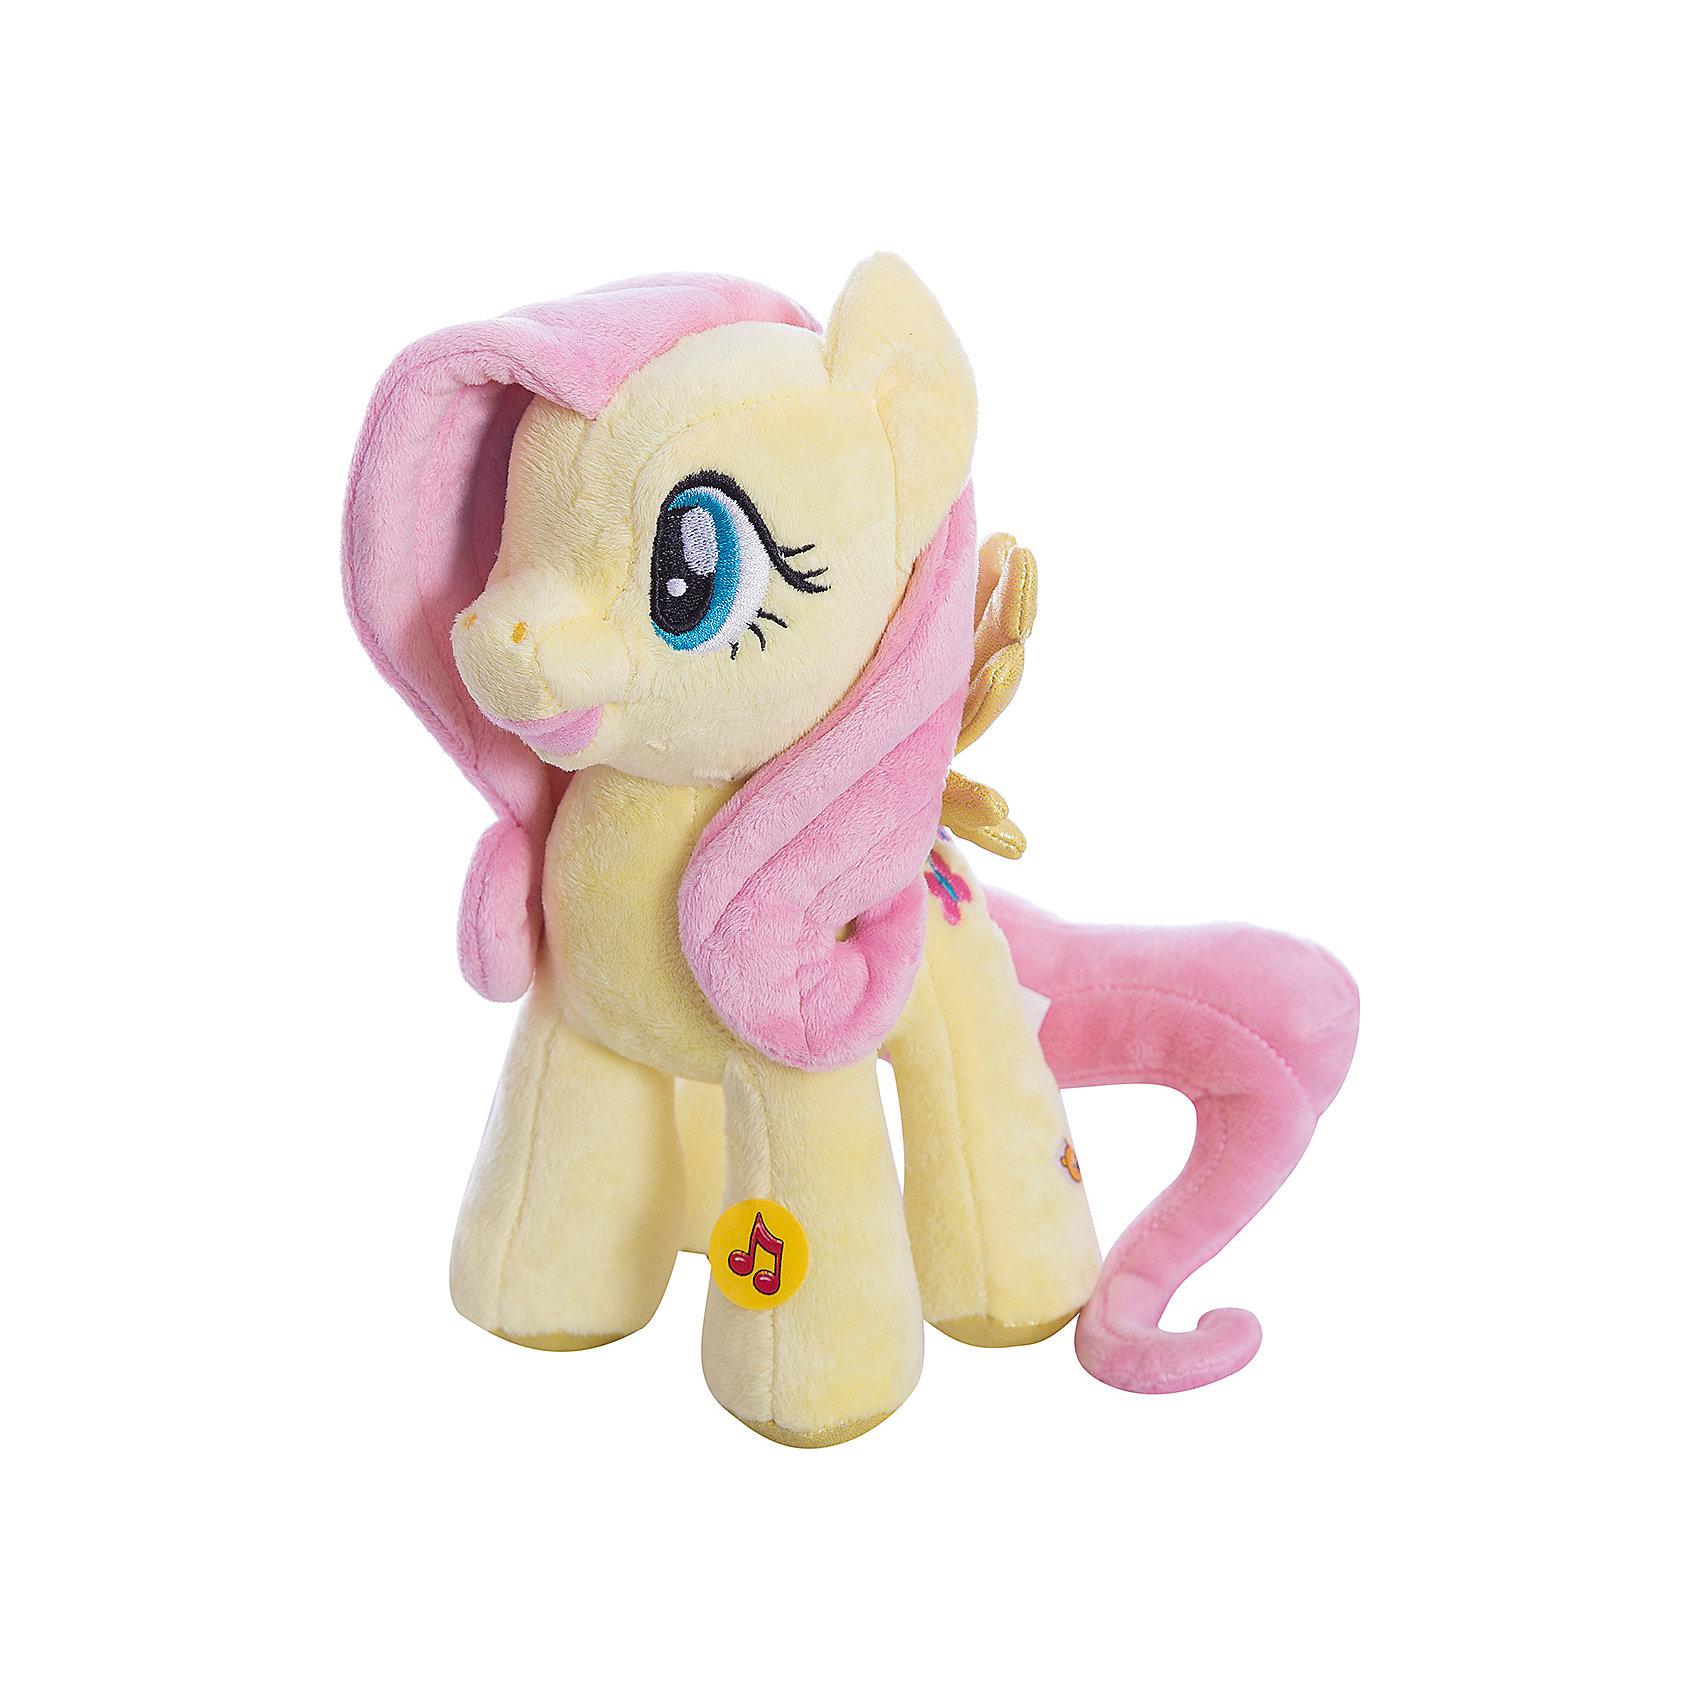 Мягкая игрушка  Пони Флаттершай, со светом и звуком, My little Pony, МУЛЬТИ-ПУЛЬТИИгрушки<br>Мягкая игрушка Мульти-Пульти пони из мультсериала My Little Pony станет замечательным подарком для Вашей девочки. Пони Флаттершай из волшебного королевства очень красива, у нее розовая грива и хвост, игрушка очень мягкая и приятная на ощупь. Если нажать ей на ножку, то она заговорит или будет петь песню из мультика, игрушка также обладает световым эффектом. <br><br>Дополнительная информация:<br><br>- Материал: текстиль, синтепон.<br>- Требуются батарейки: 3* LR44 (входят в комплект).<br>- Высота игрушки: 23 см.<br>- Размер упаковки: 23 x 17 x 8 см<br>- Вес: 0.23 кг.<br><br>Мягкую игрушку Пони Флаттершай My little Pony от Мульти-Пульти можно купить в нашем магазине.<br><br>Ширина мм: 130<br>Глубина мм: 230<br>Высота мм: 340<br>Вес г: 109<br>Возраст от месяцев: 24<br>Возраст до месяцев: 1188<br>Пол: Унисекс<br>Возраст: Детский<br>SKU: 3384136